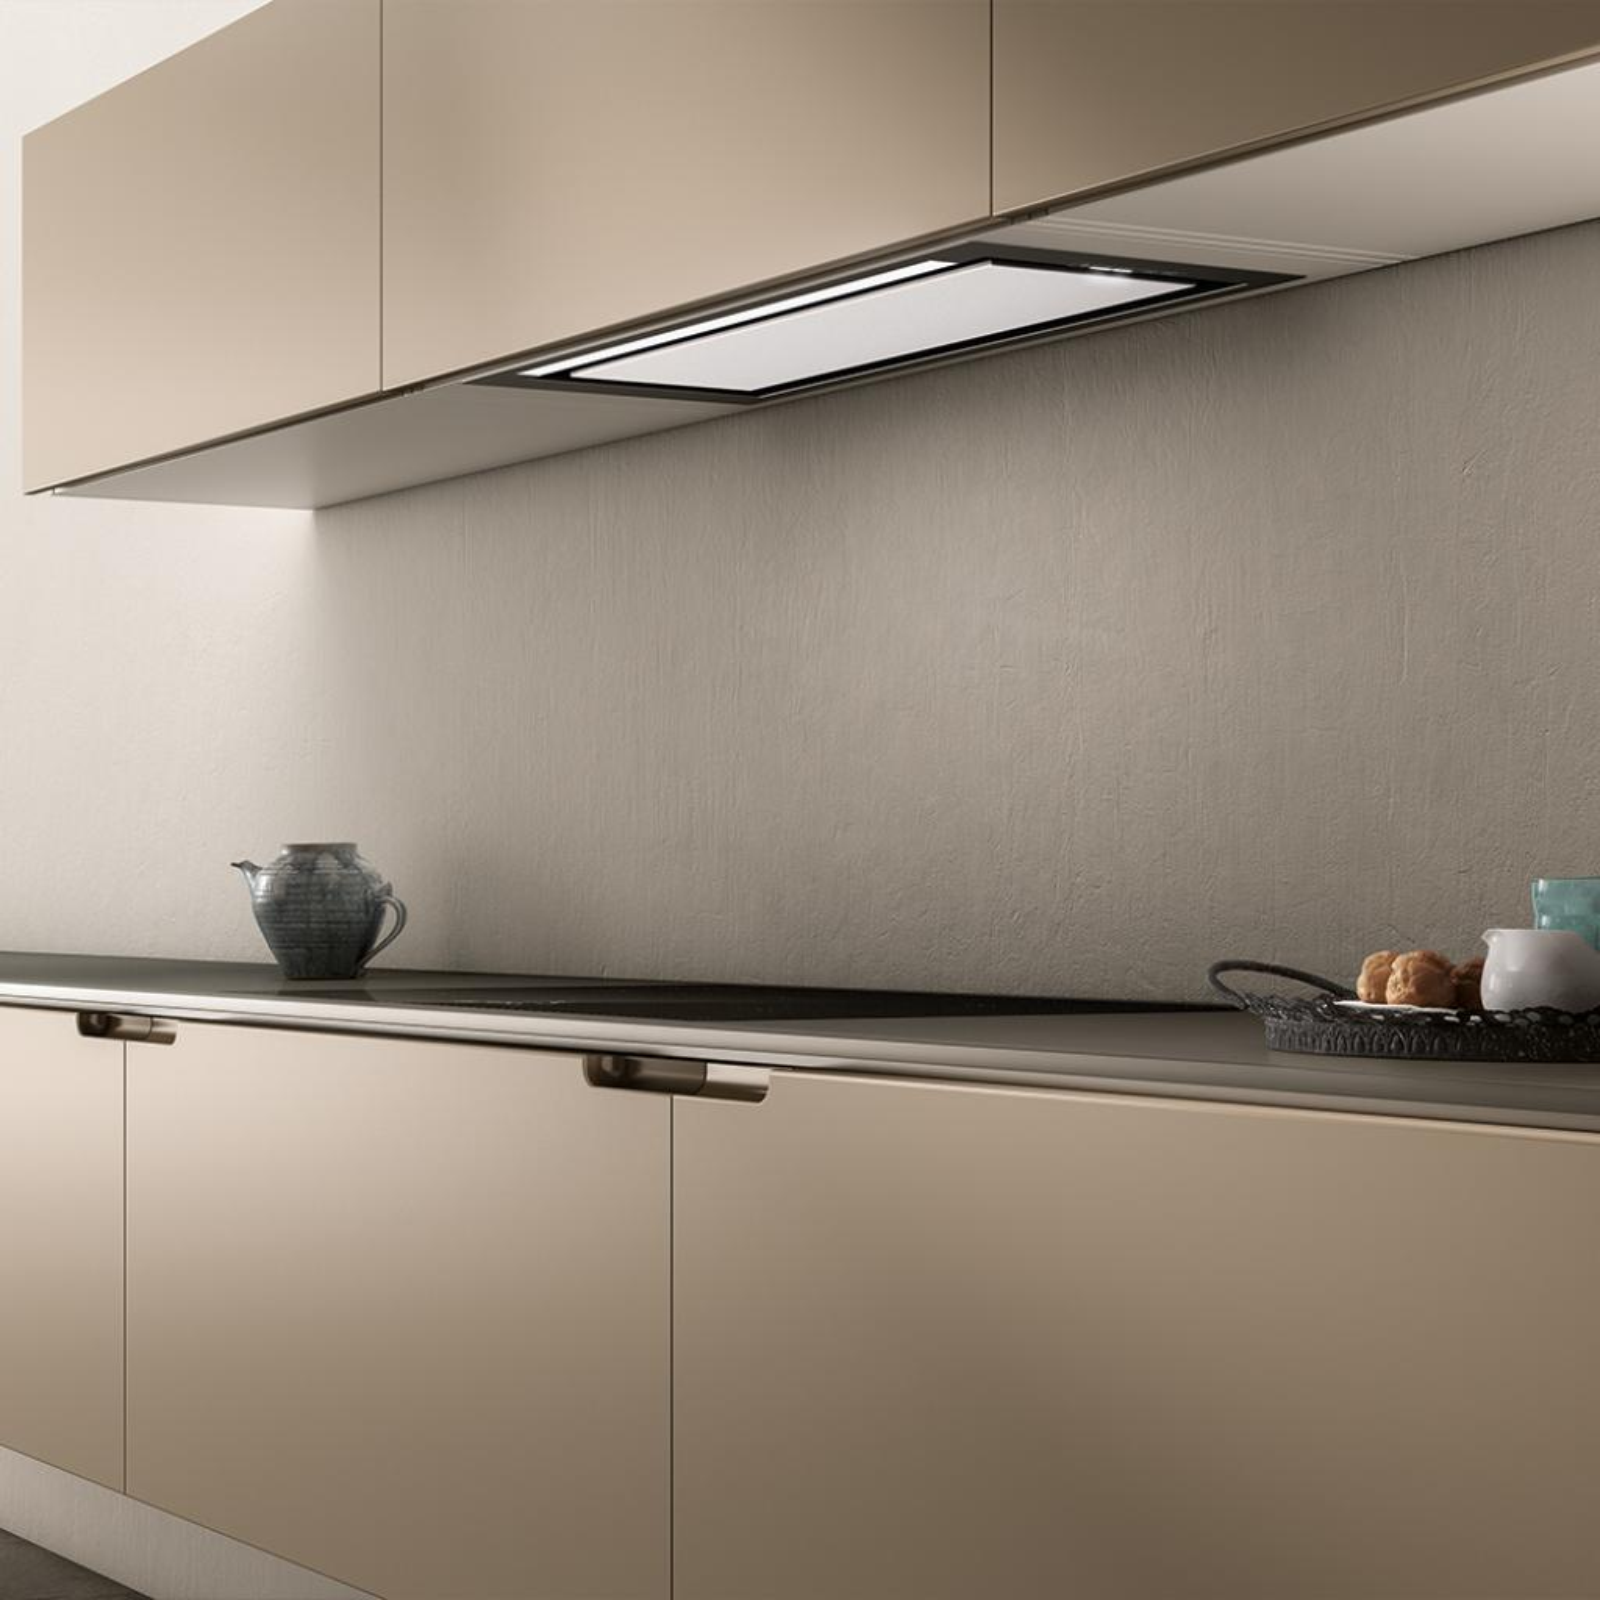 Вытяжка кухонная ELICA HIDDEN IX/A/60 изображение 2